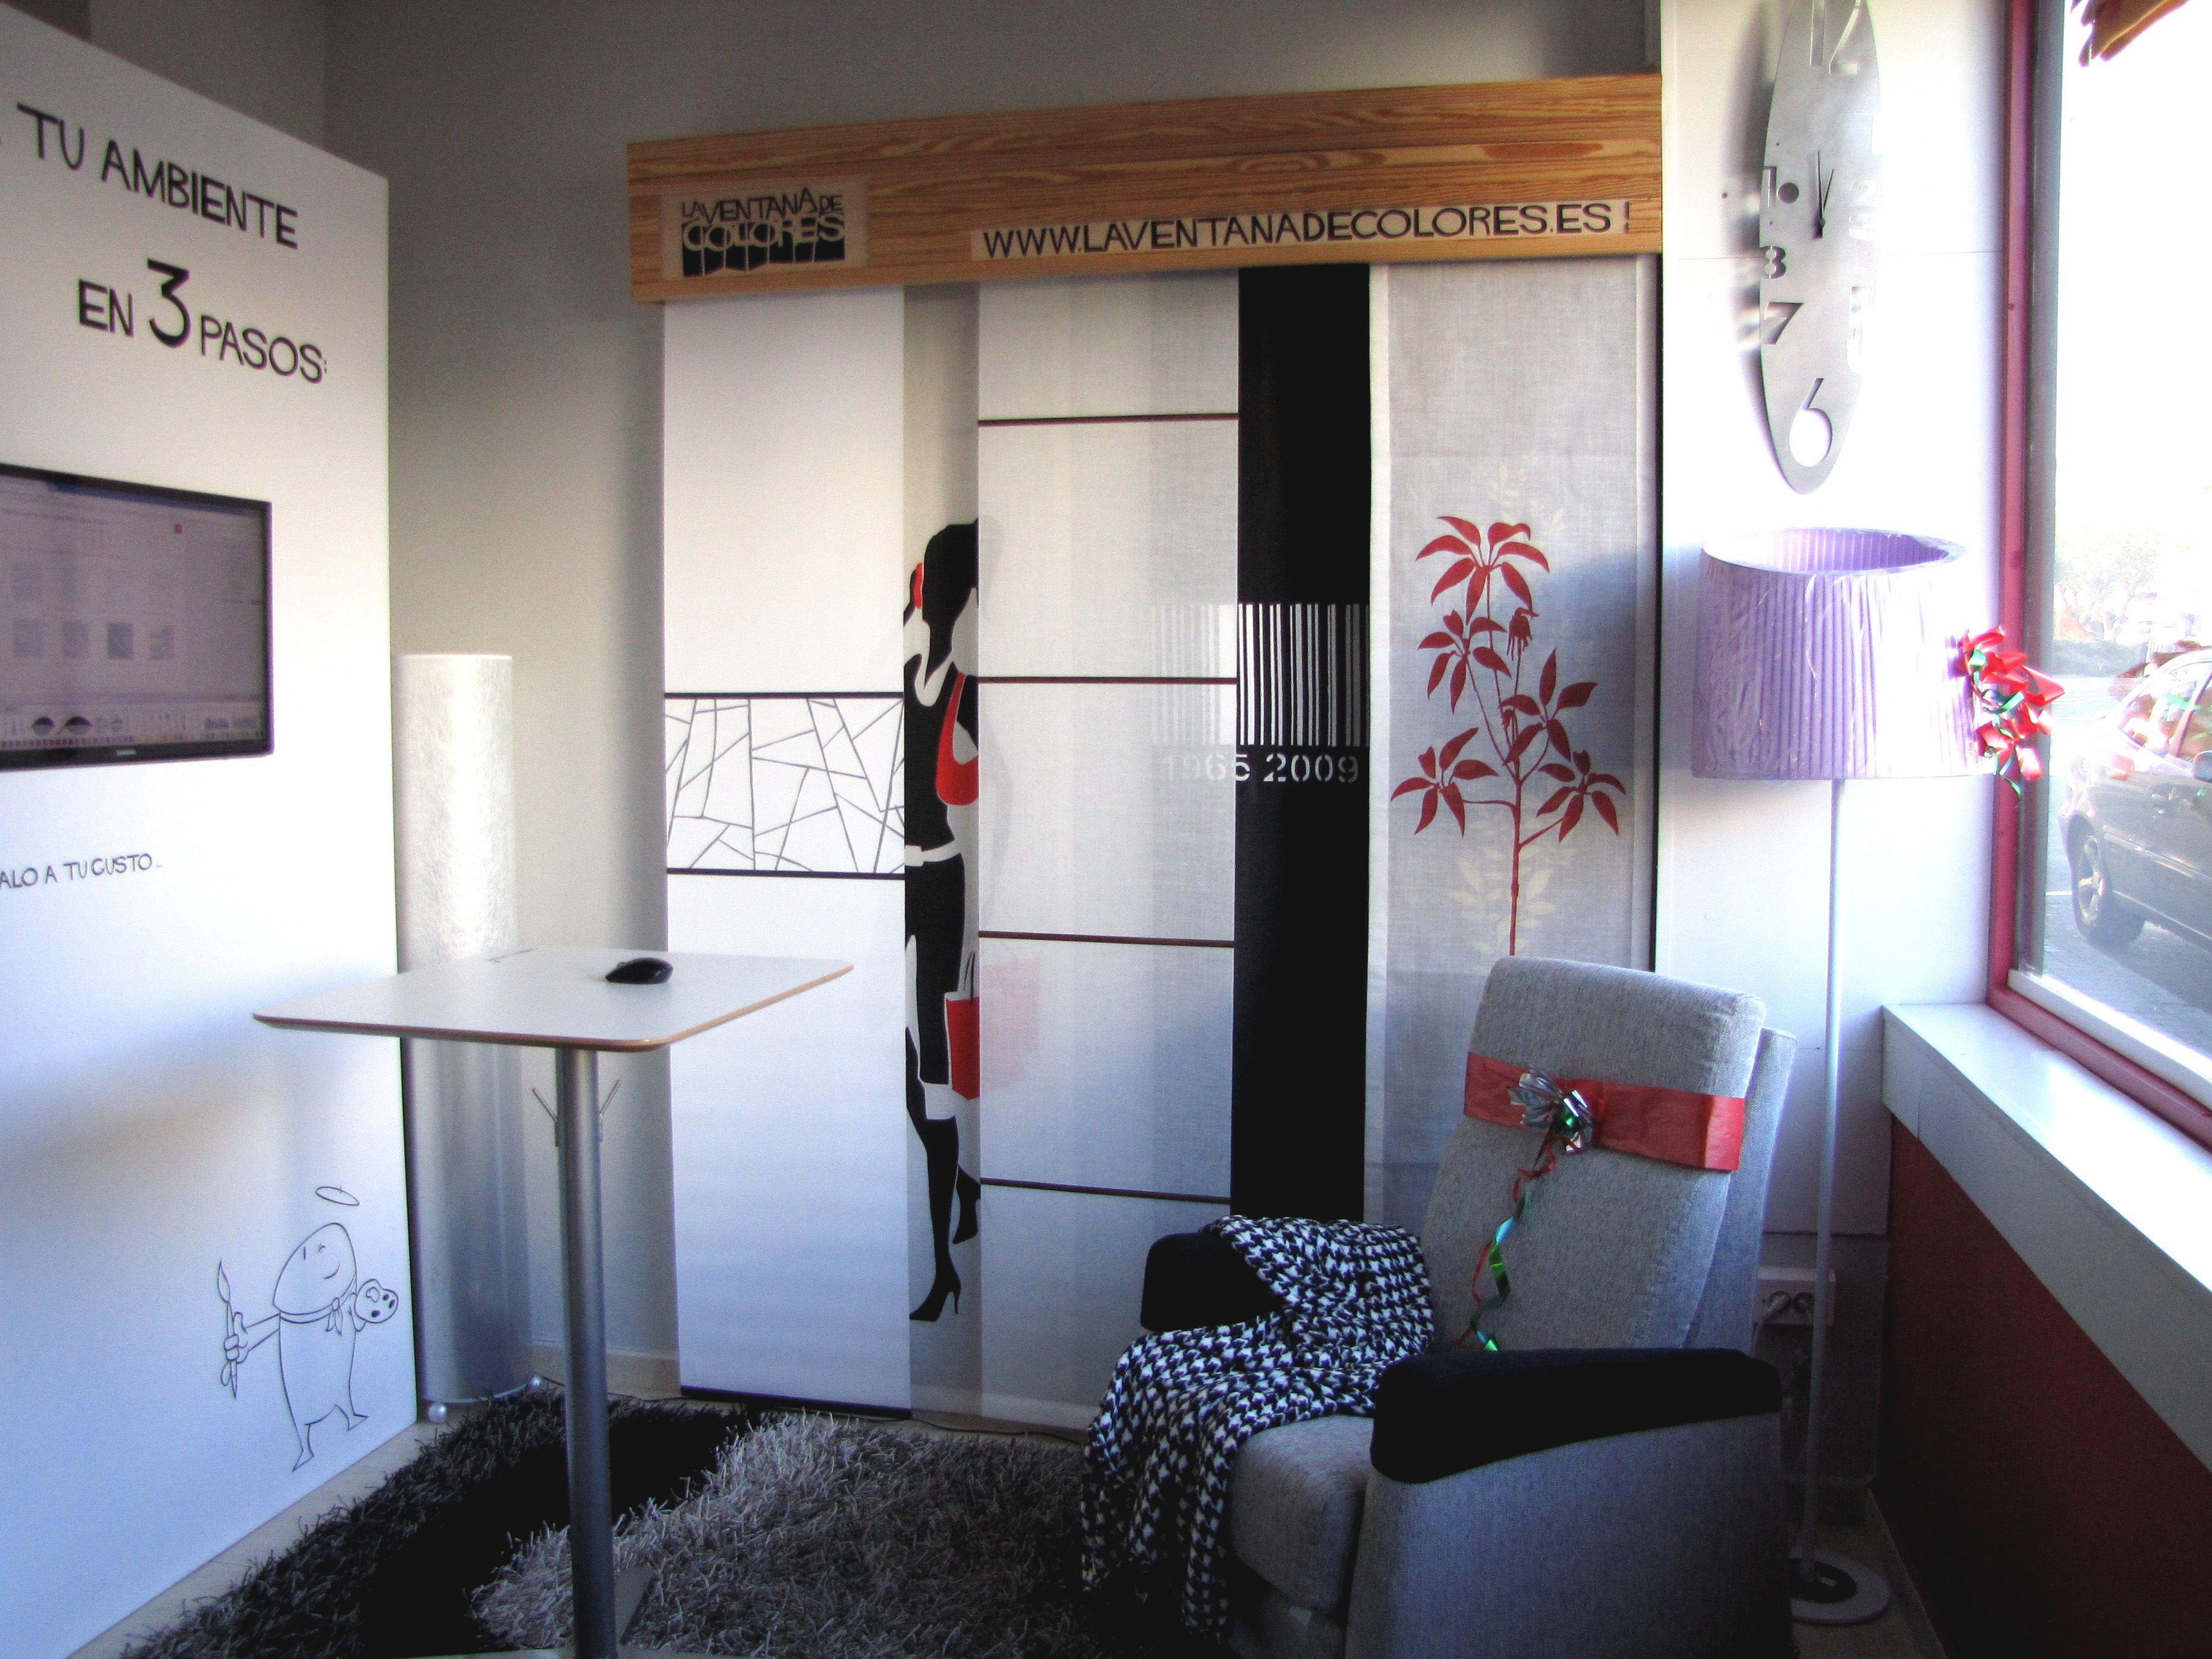 C Rner Interactivo De Www Laventanadecolores Es En Badalona  # Muebles Pibago Colmenar Viejo